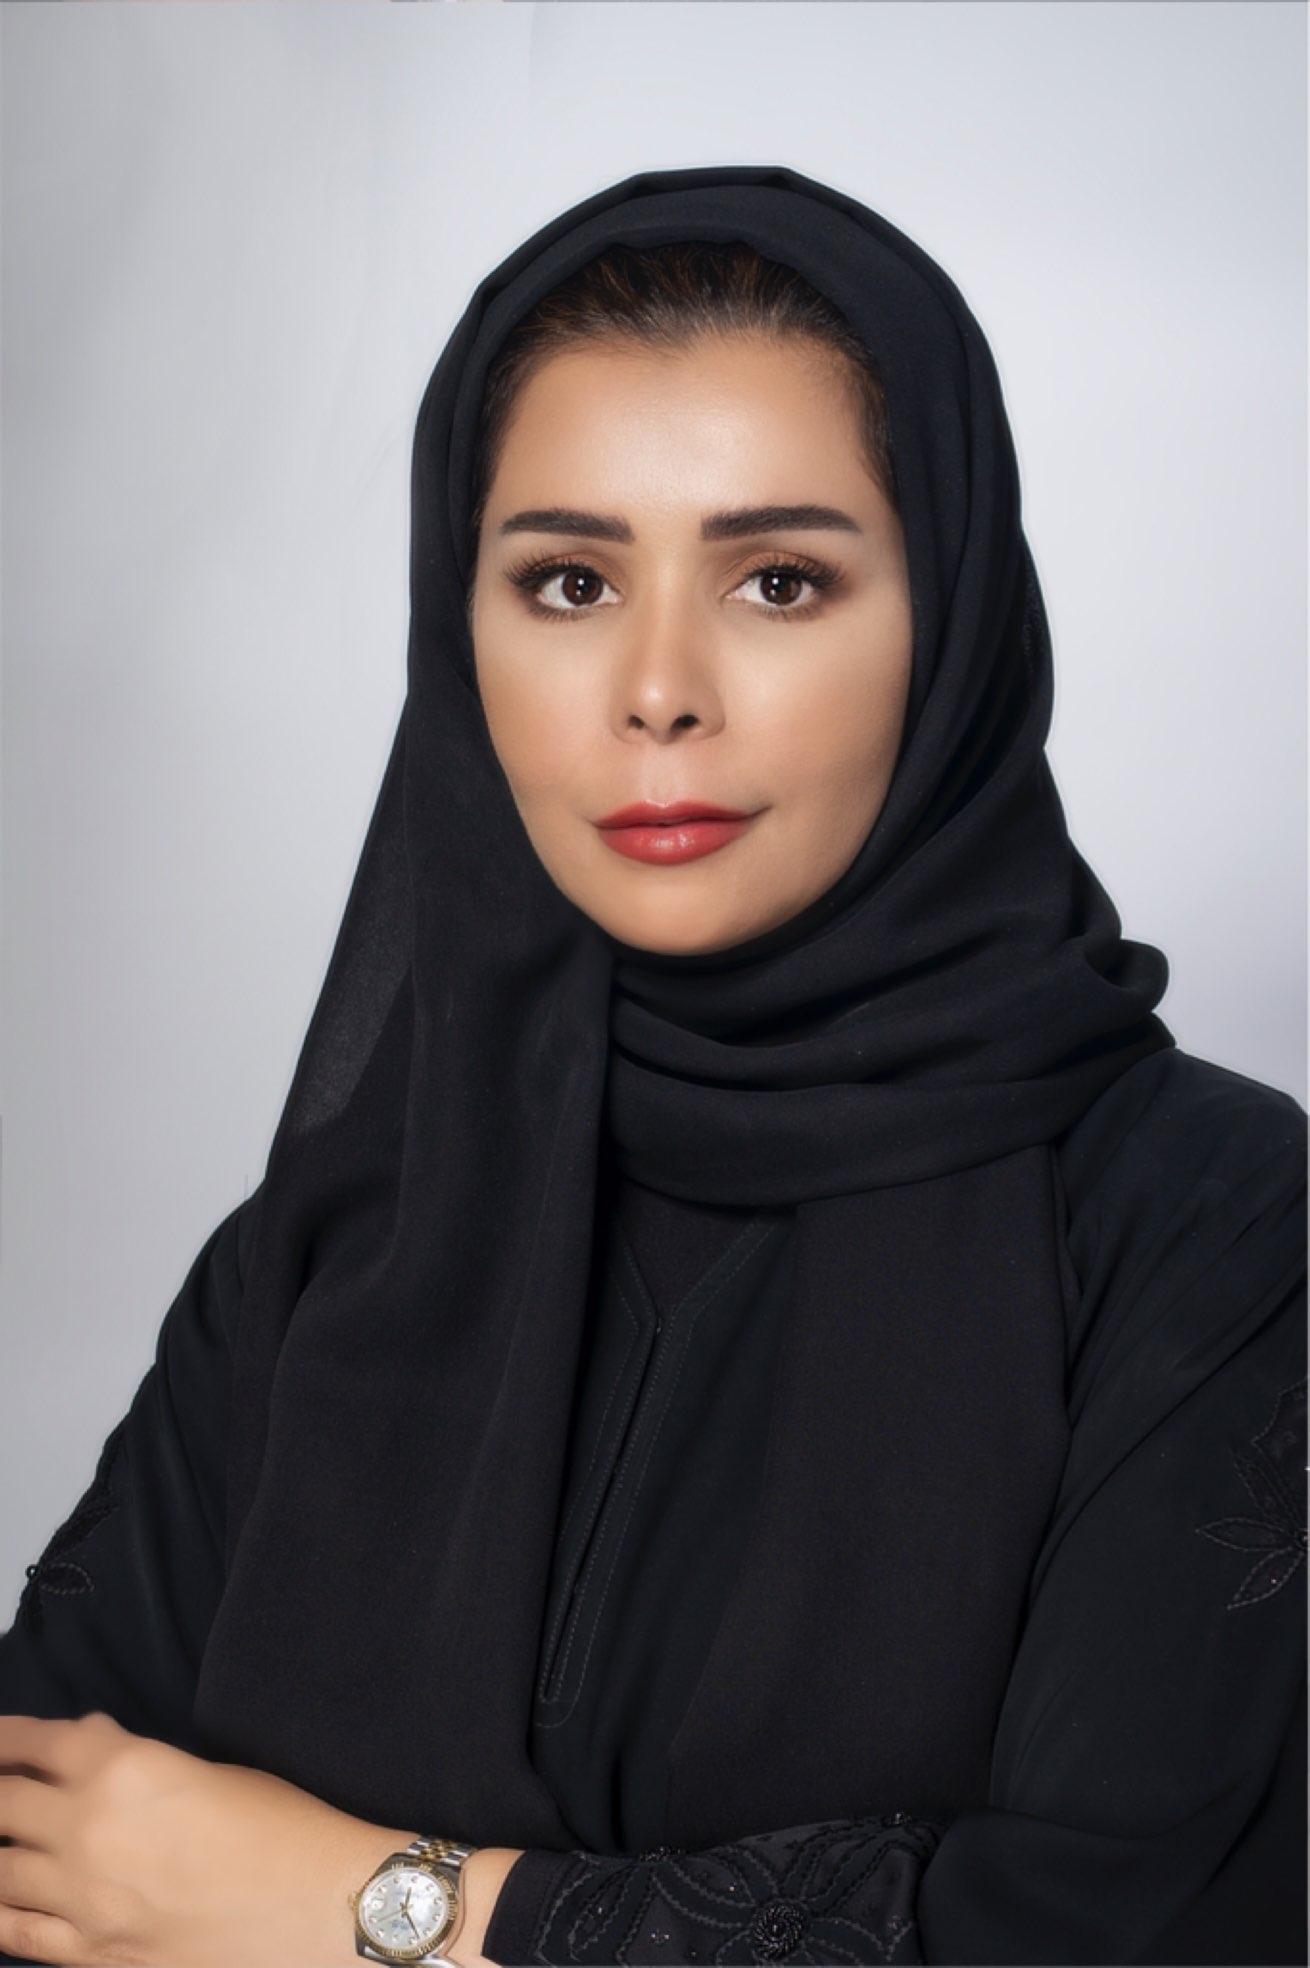 Shaikha Al Naqbi